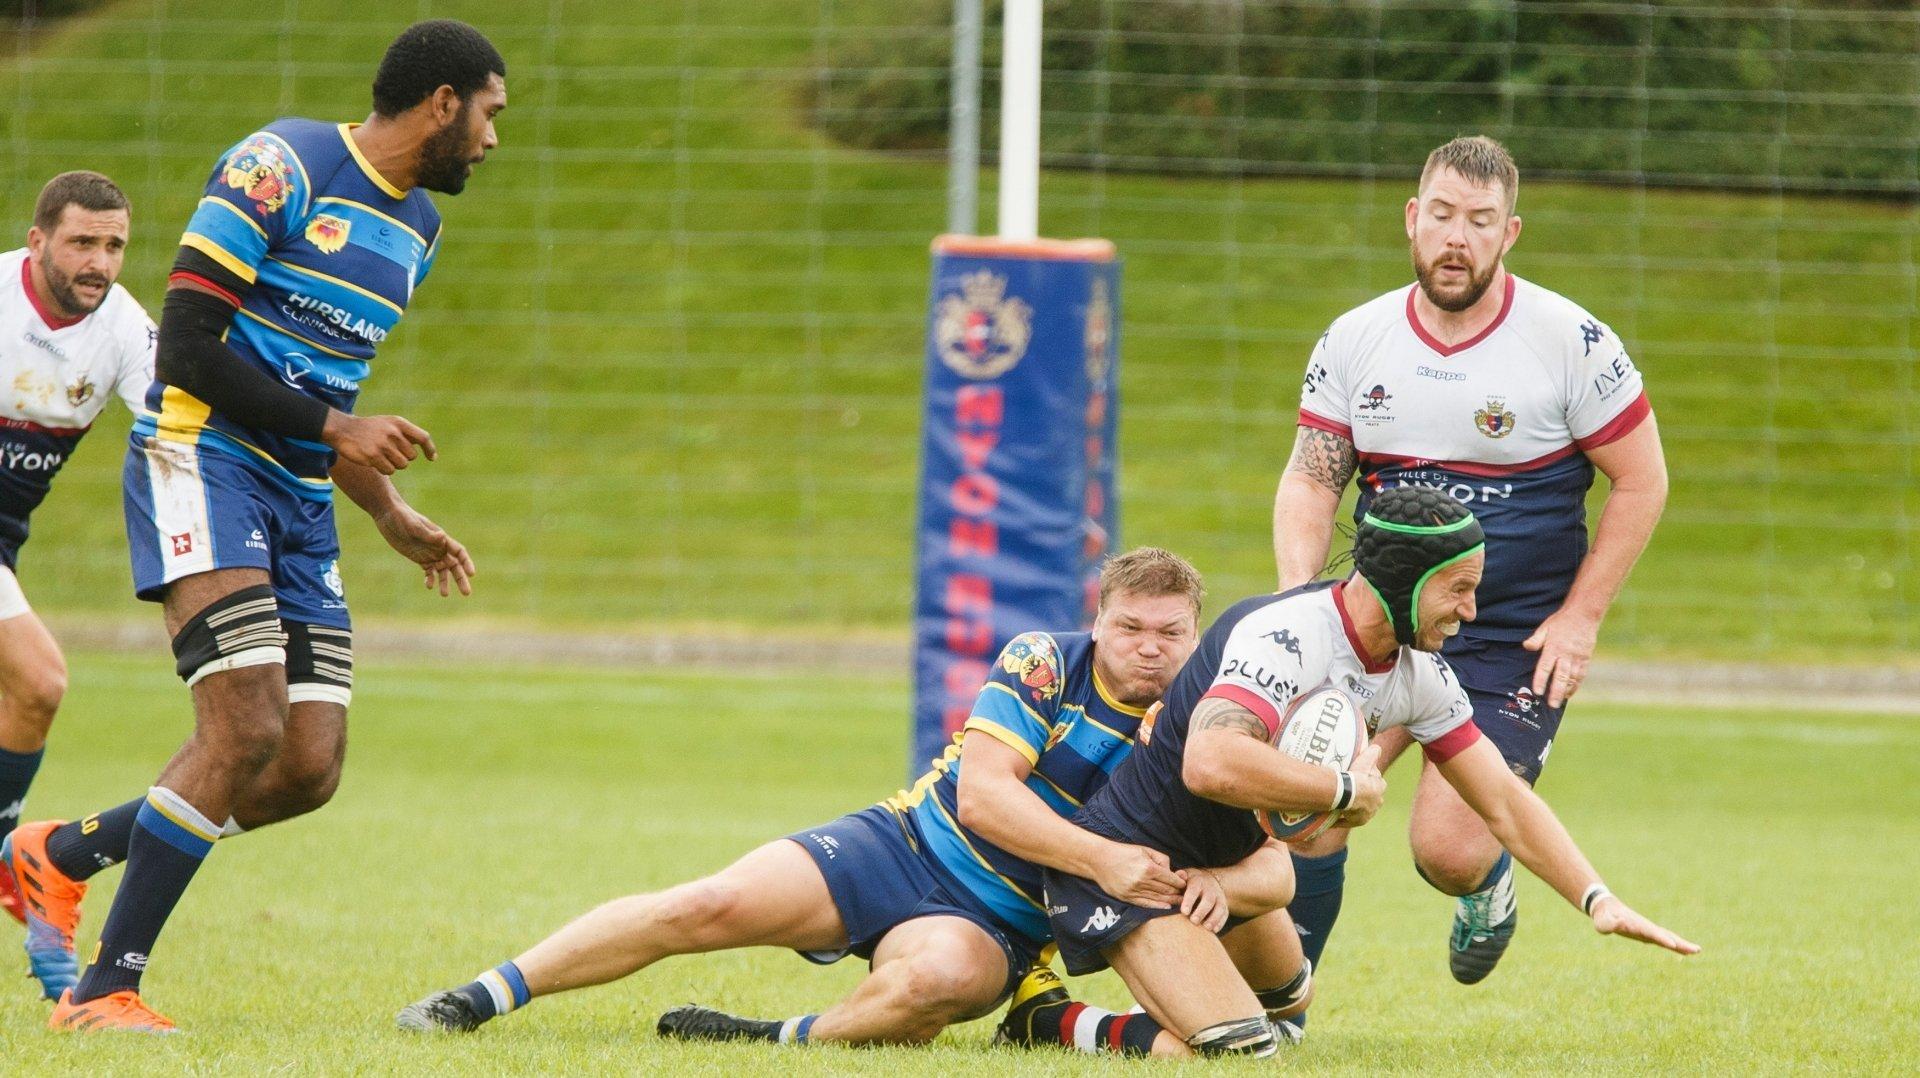 Le Nyon Rugby Club finit par céder face à GePLO